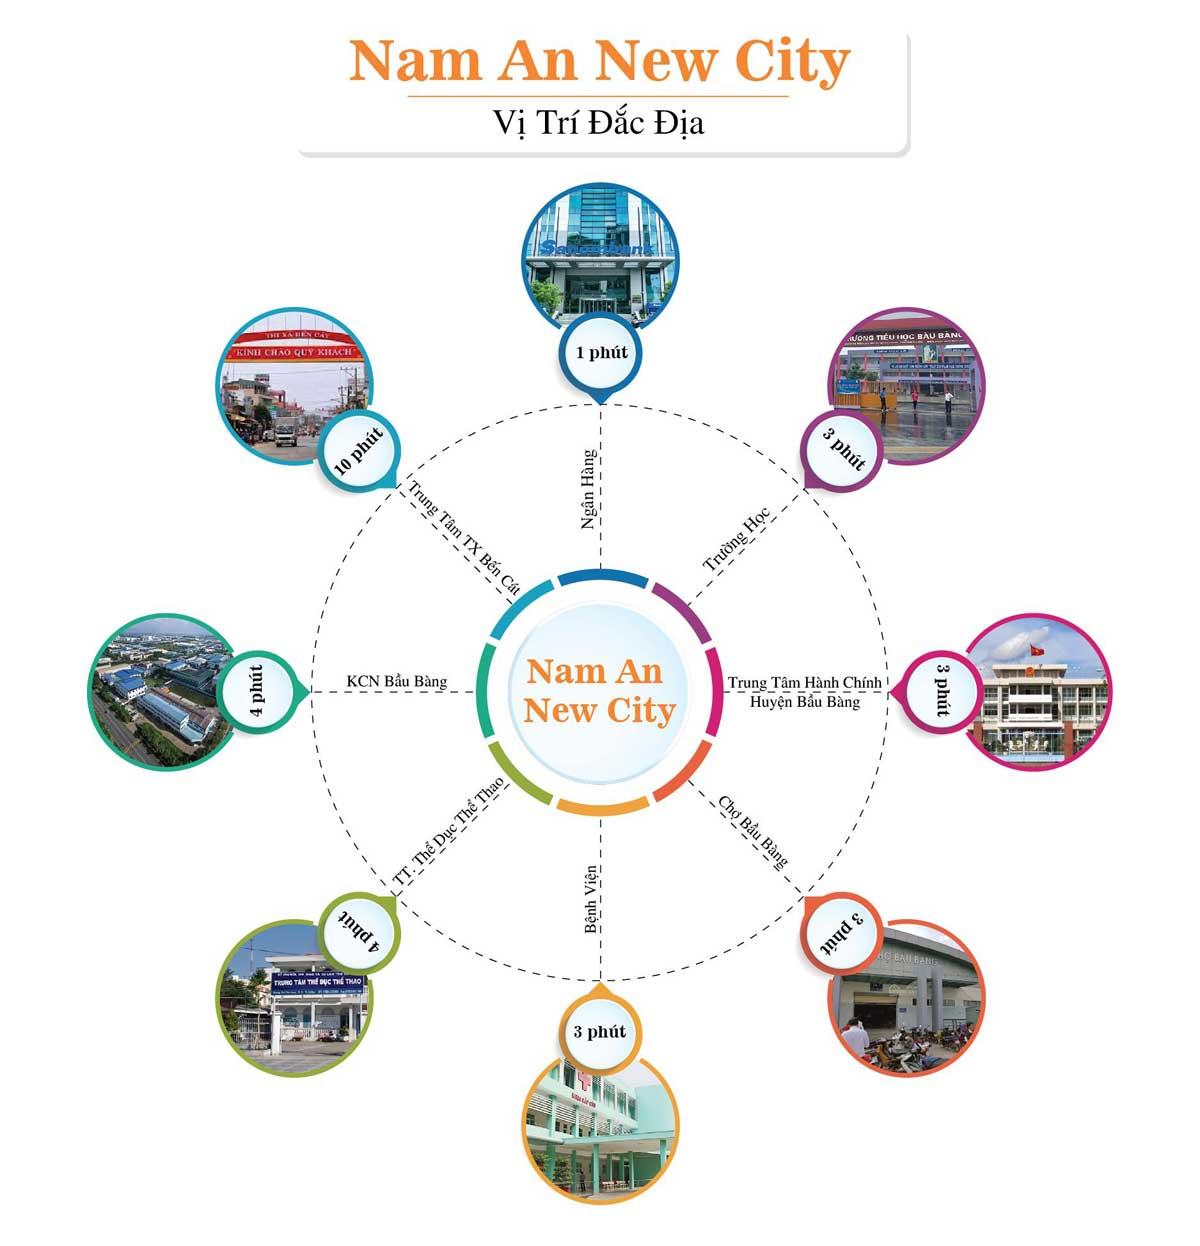 tien ich lien ket vung du an nam an new city - NAM AN NEW CITY BÀU BÀNG BÌNH DƯƠNG